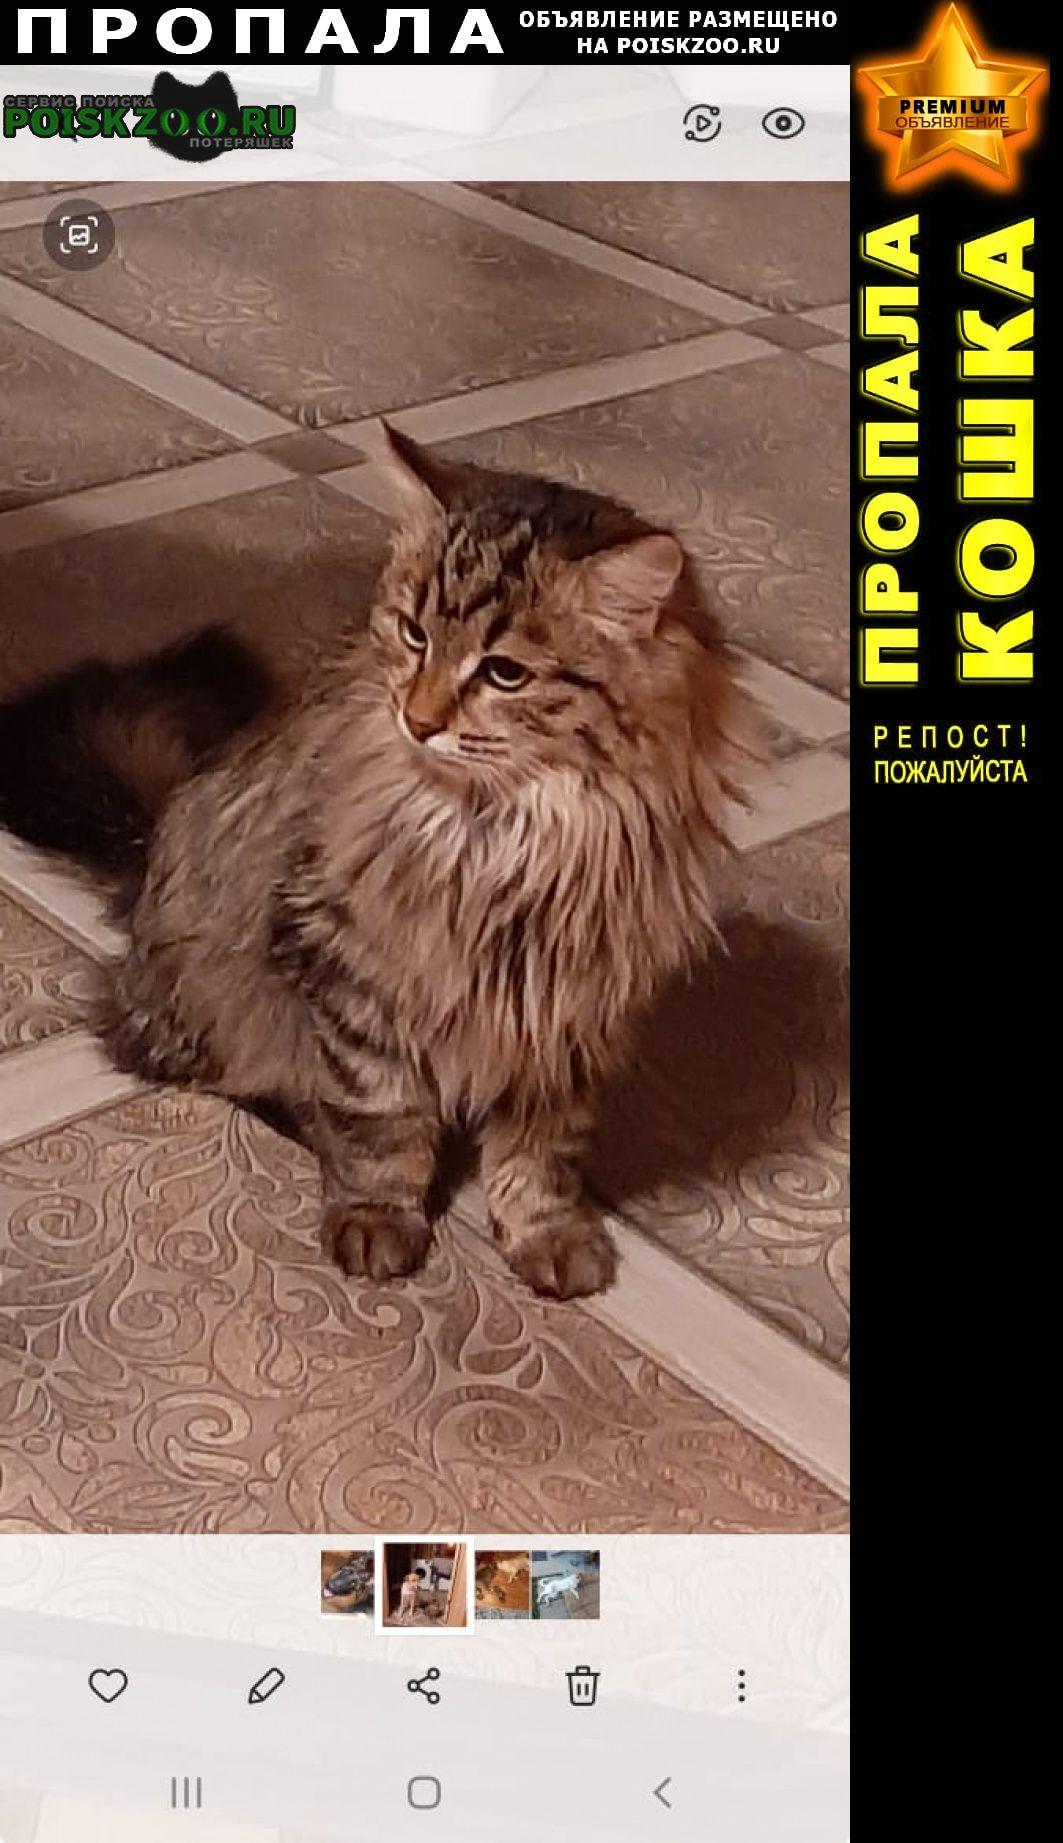 Пропала кошка дер красные орлы снт луч минэнерго Чехов